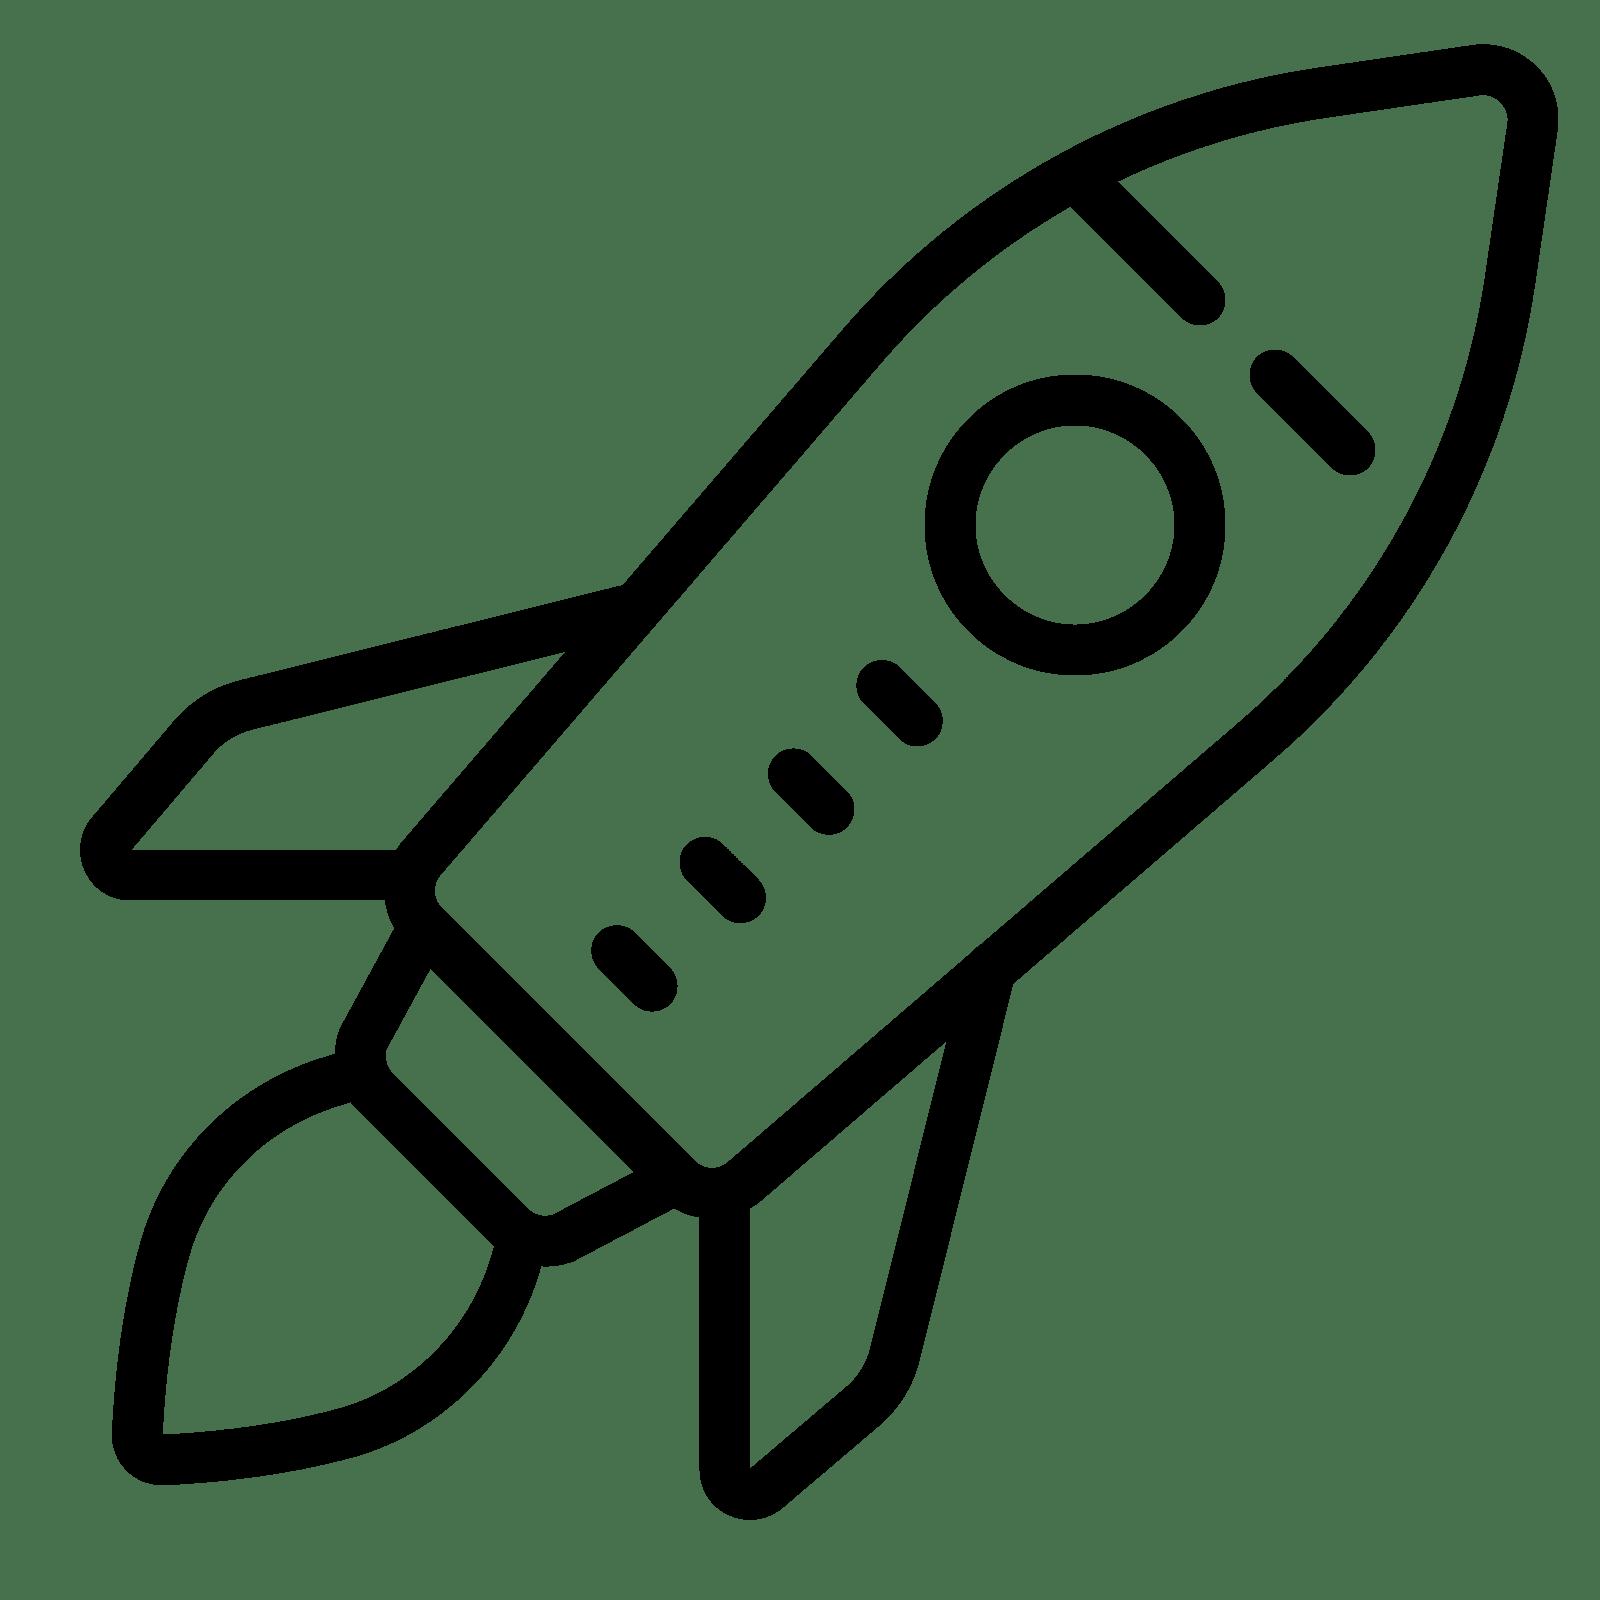 Rocket Svg Download Rocket Svg